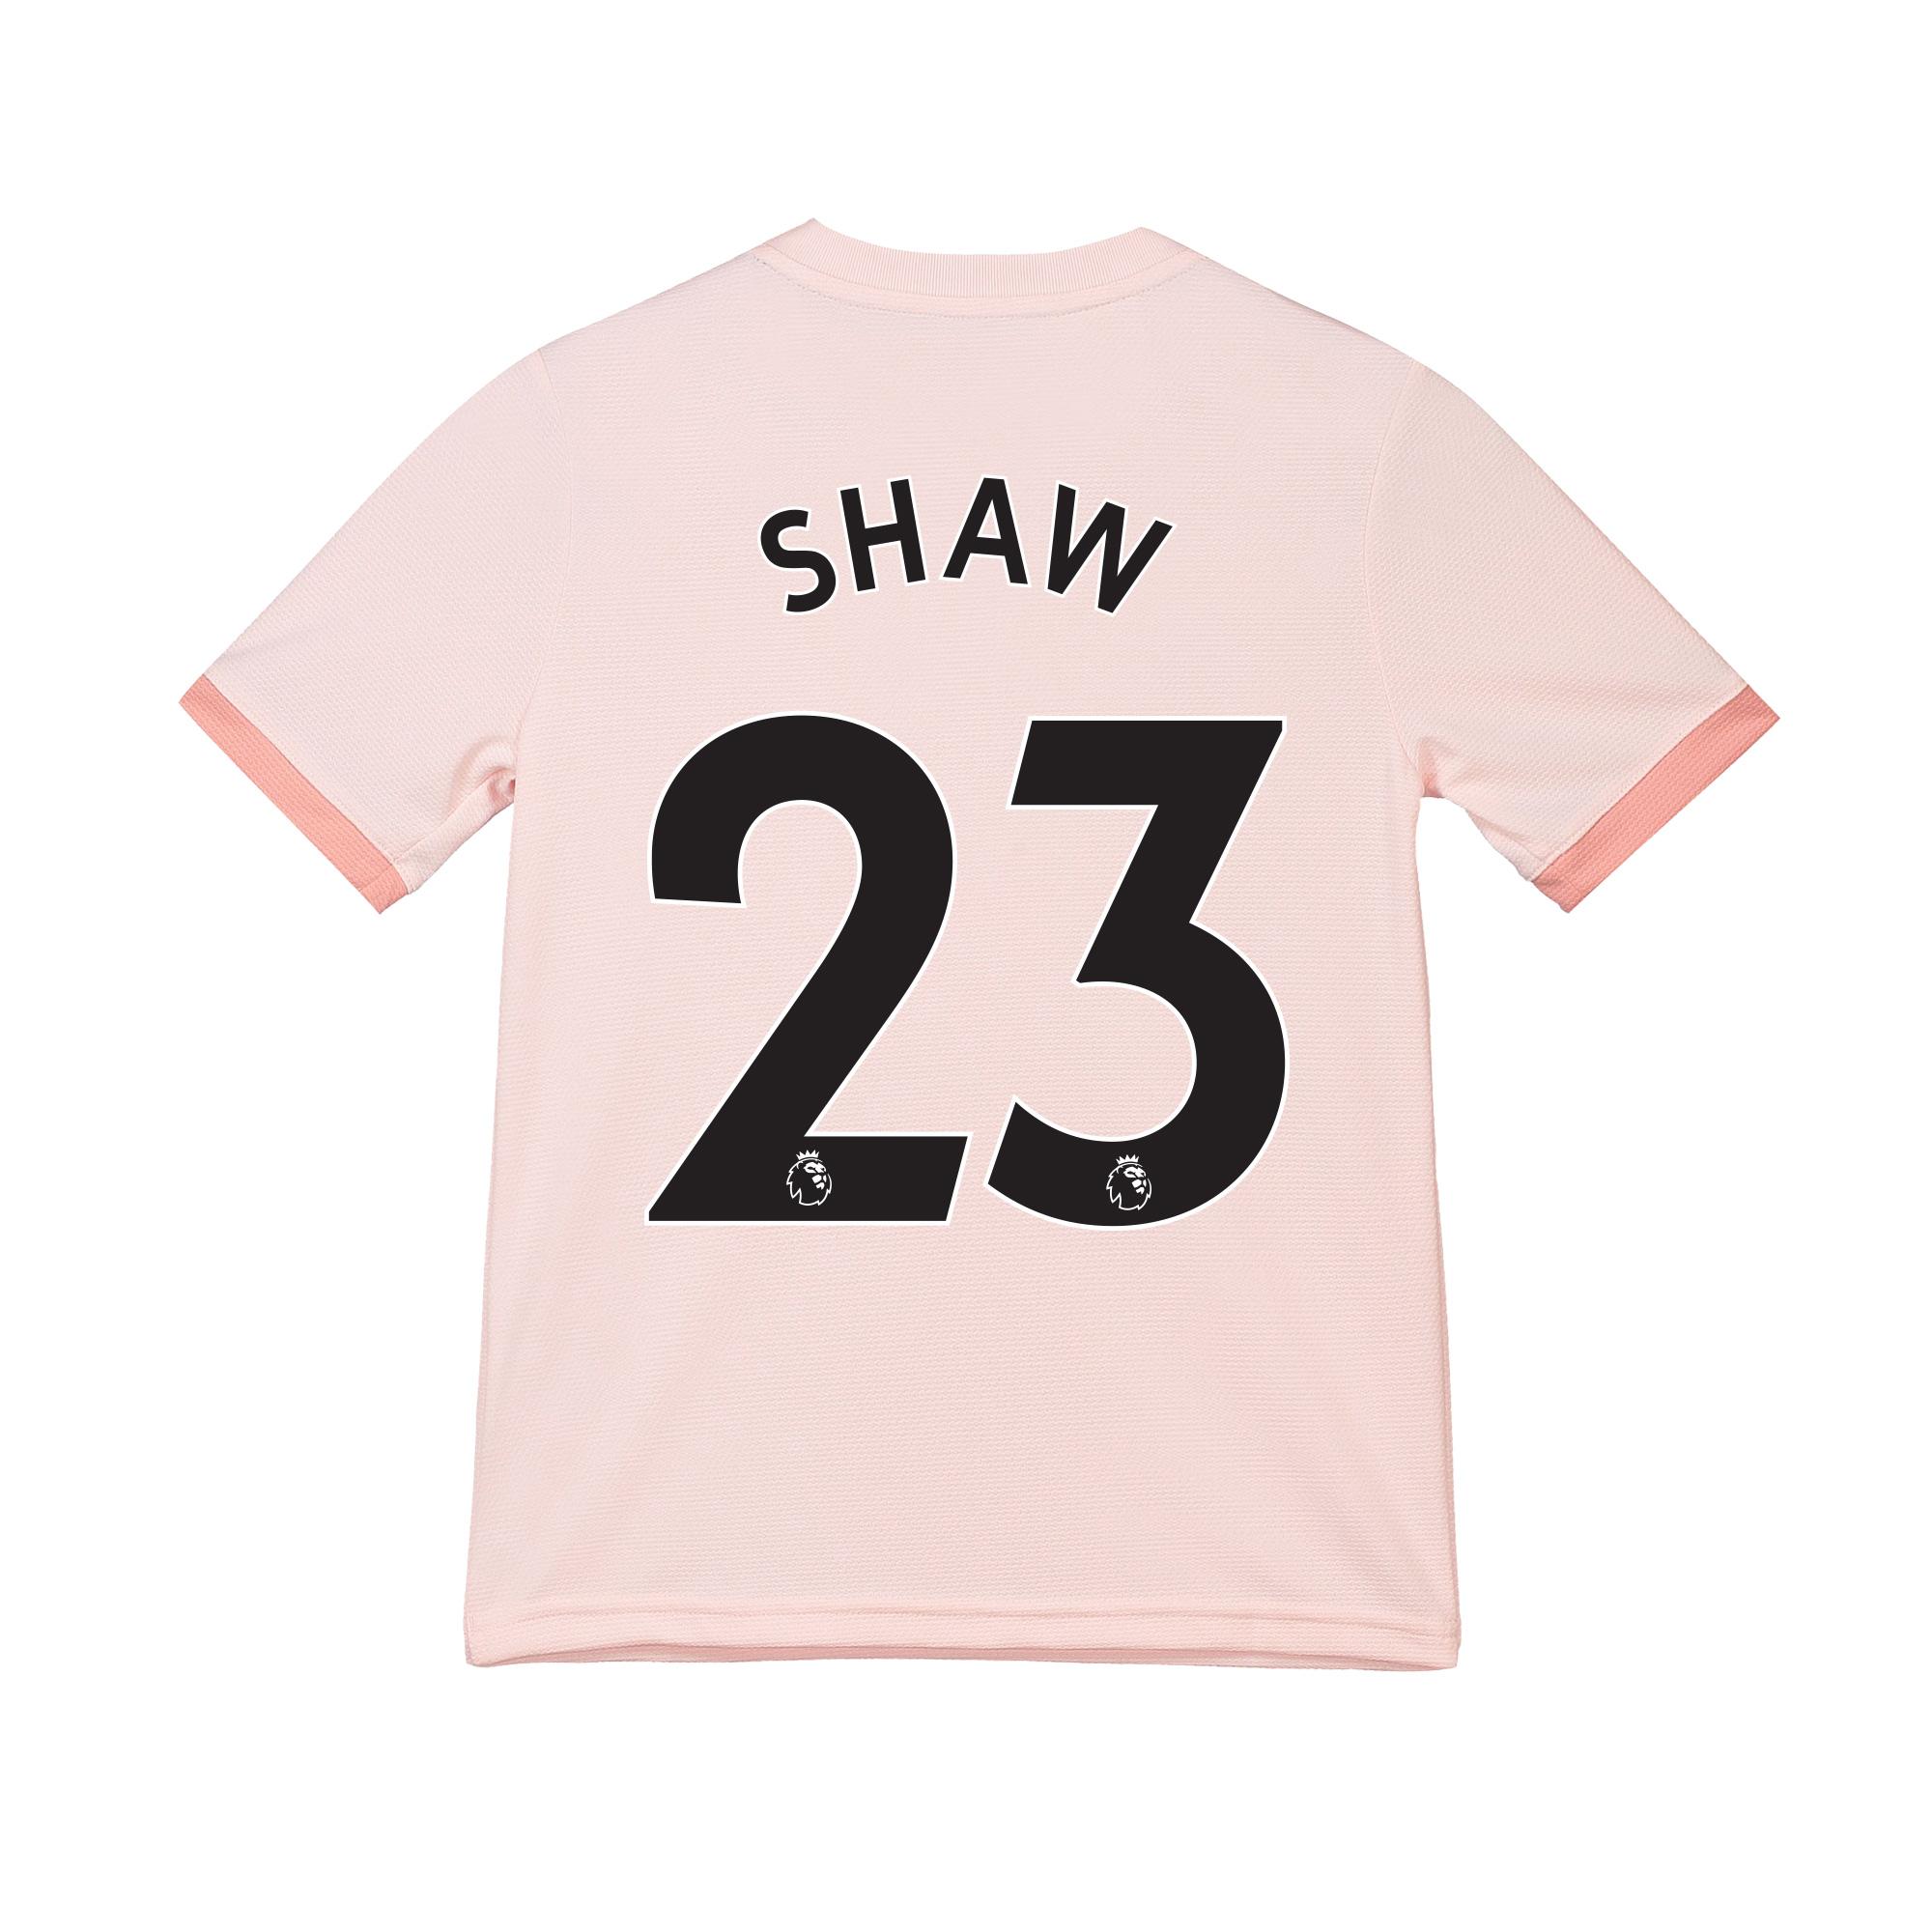 Camiseta de la equipación visitante del Manchester United 2018-19 para niños dorsal Shaw 23